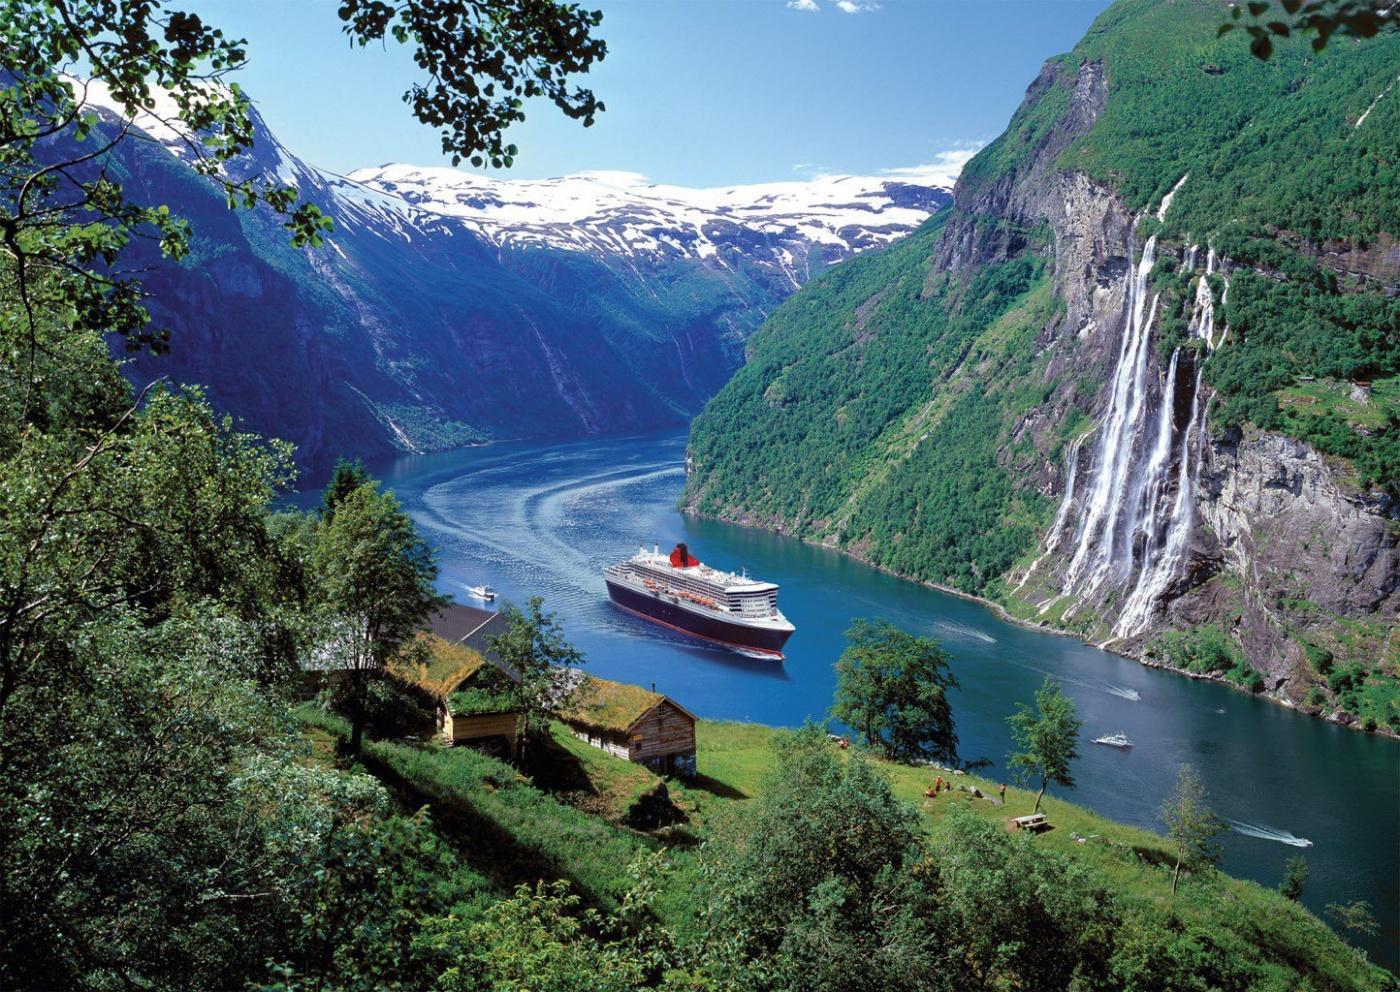 Нерёй-фьорд и аурландс-фьорд (nærøyfjord and aurlandsfjorden)